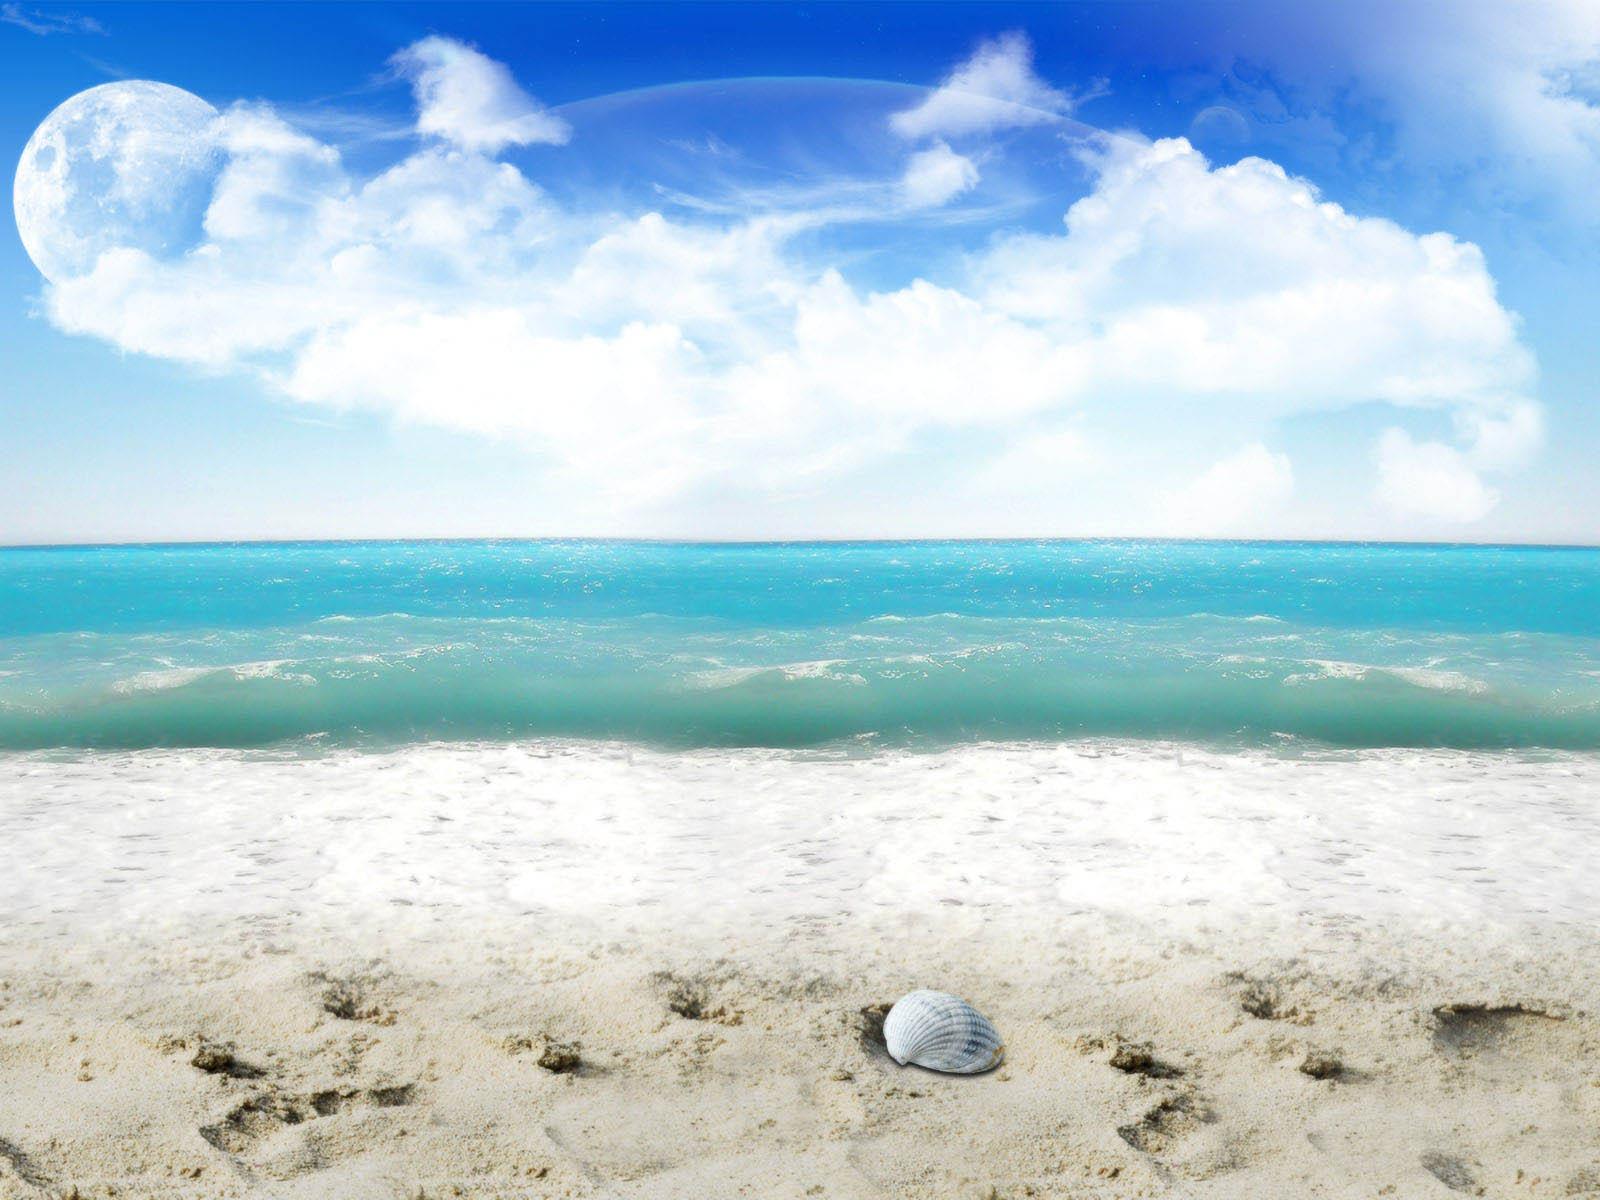 desktop beach wallpapers wallpaper - photo #30